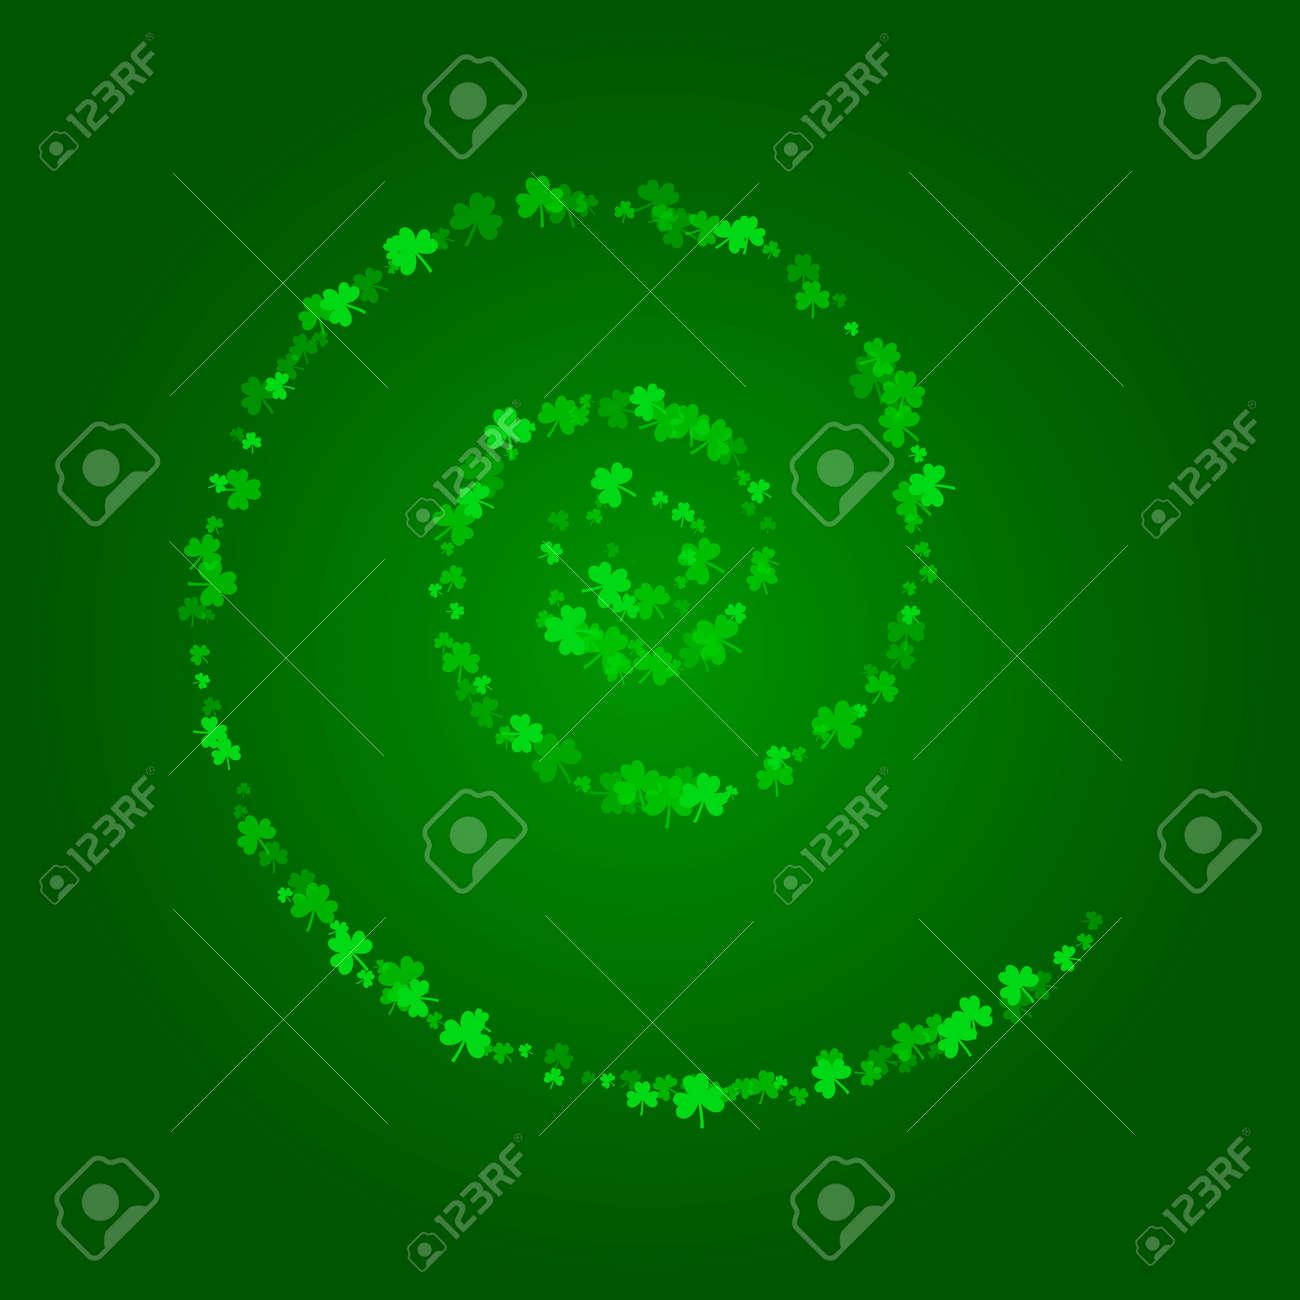 Fondo Cuadrado Del Día De Patricks Del Santo Con Confeti Verde Del Trébol Espiral De Hojas De Trébol Plantilla Para Diseño De Tarjetas De